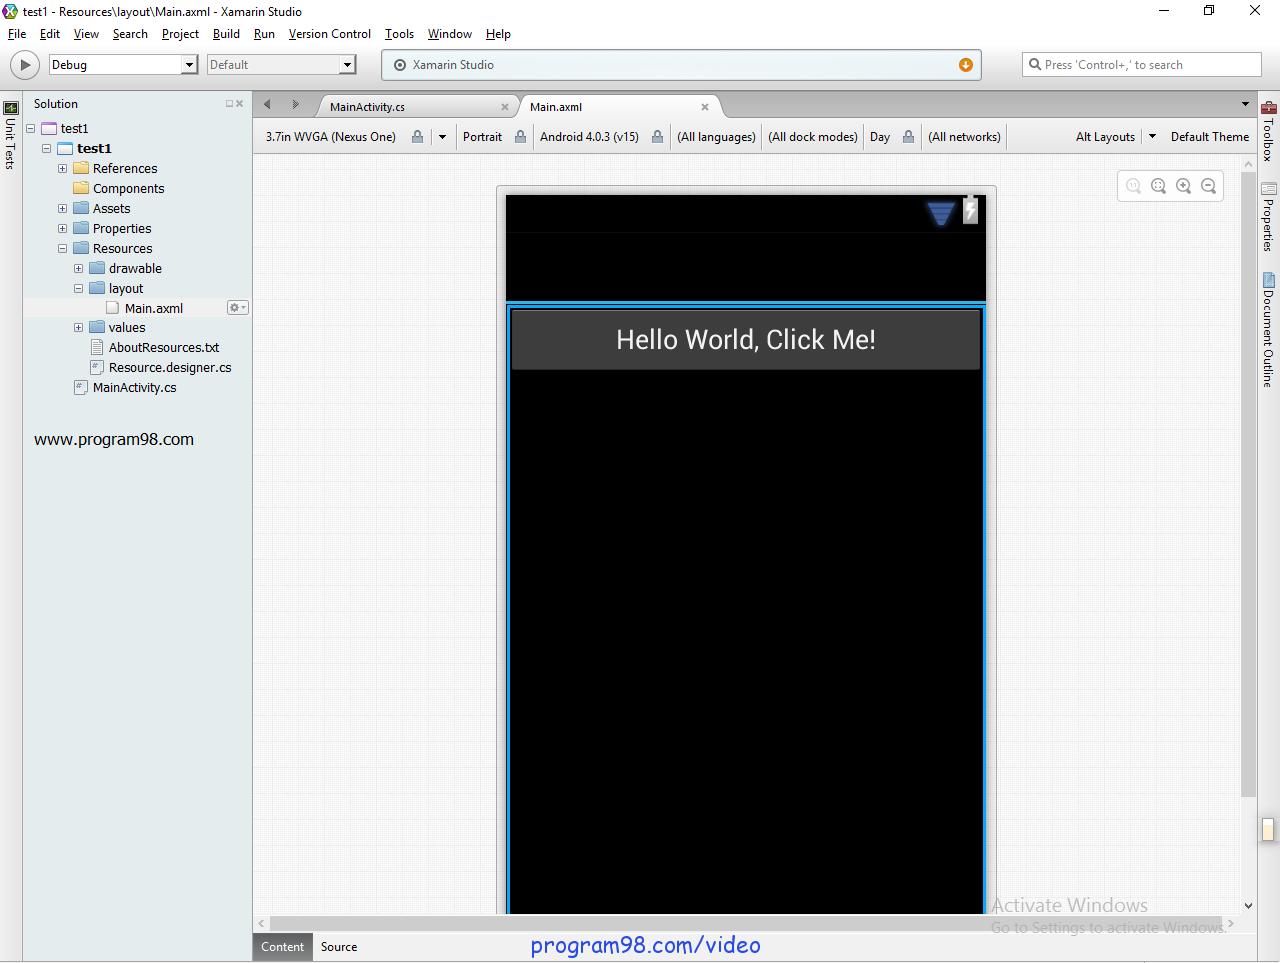 برنامه نویسی اندروید با ویژوال استودیو 2015 - برنامه نویسی اندروید ...... Studio Screenshot 1 برنامه نویسی اندروید در سی شارپ - برنامه نویسی اندروید|برنامه .